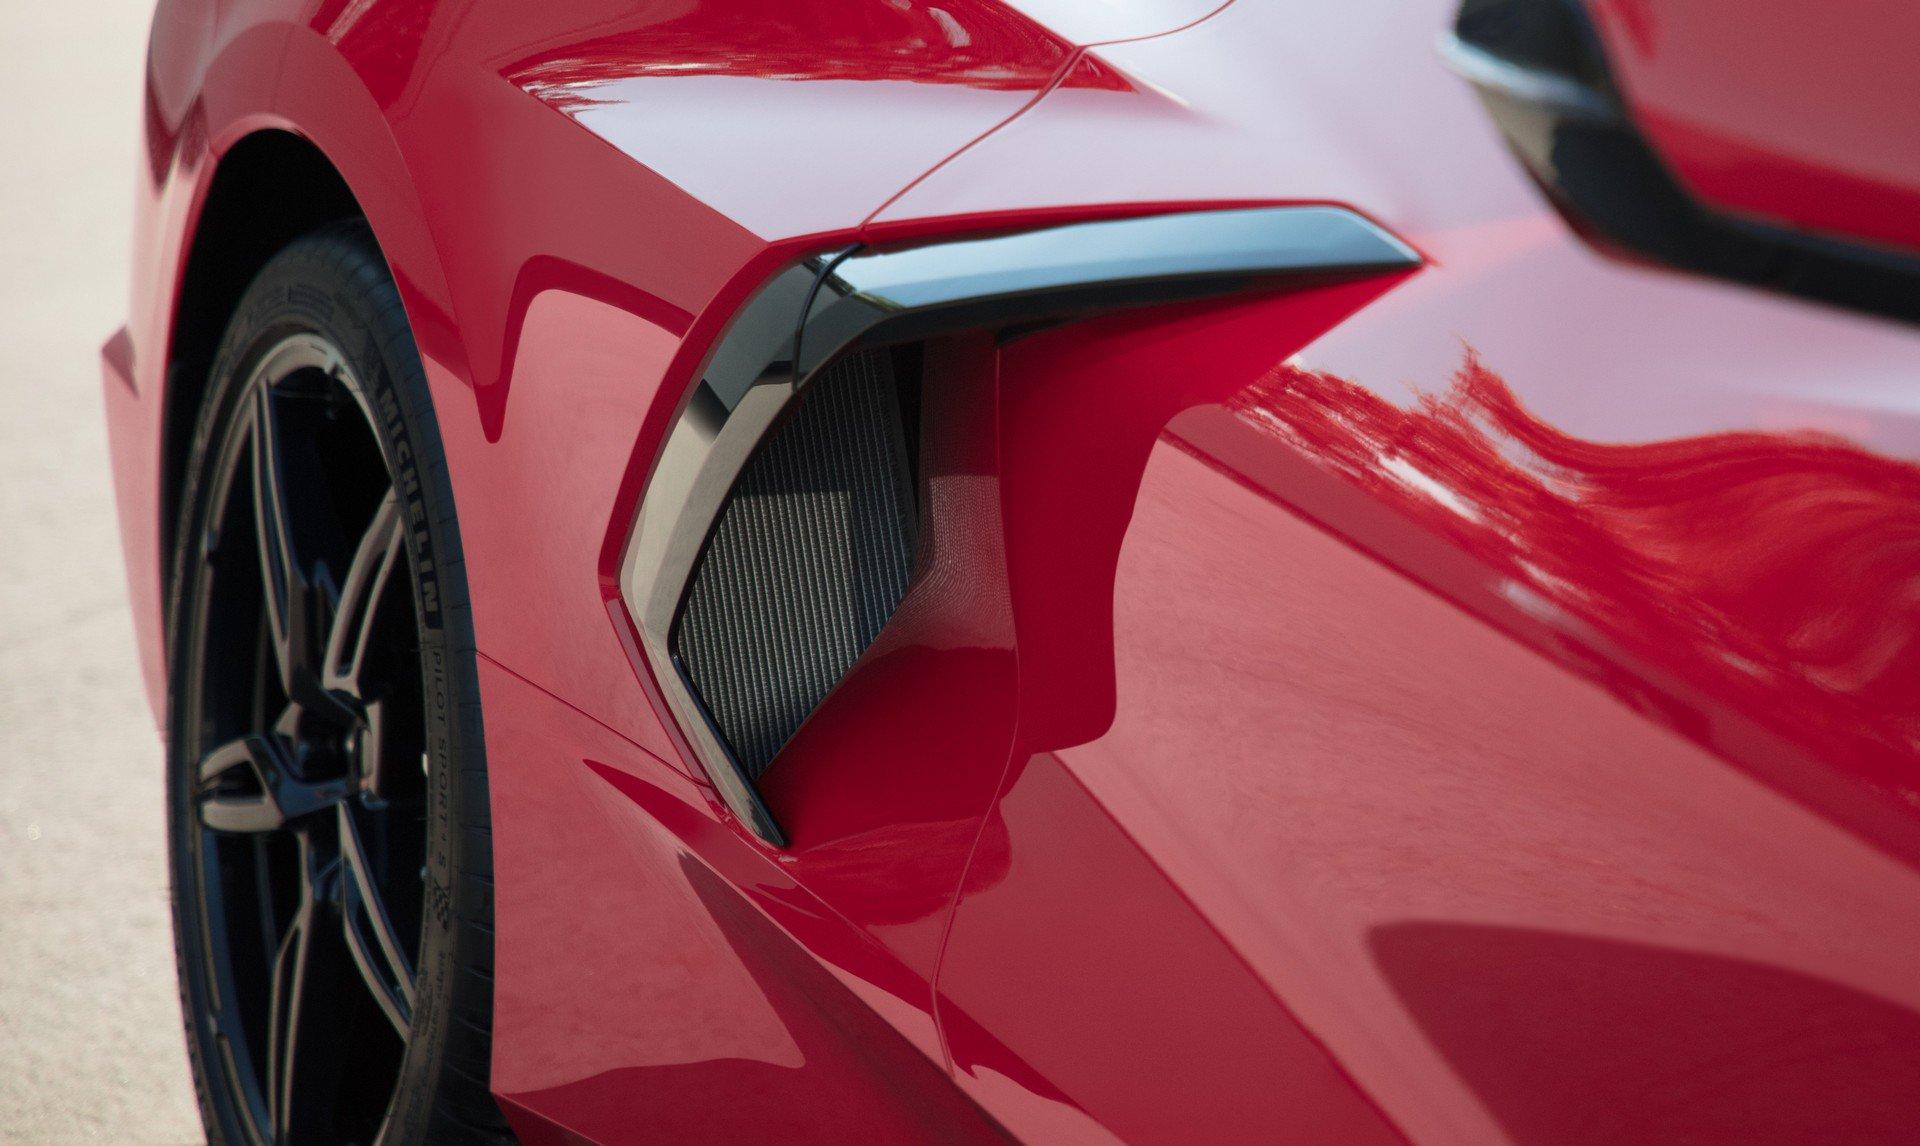 Chevrolet ra mắt Corvette C8 thế hệ mới thiết kế táo bạo, động cơ đặt giữa - 6